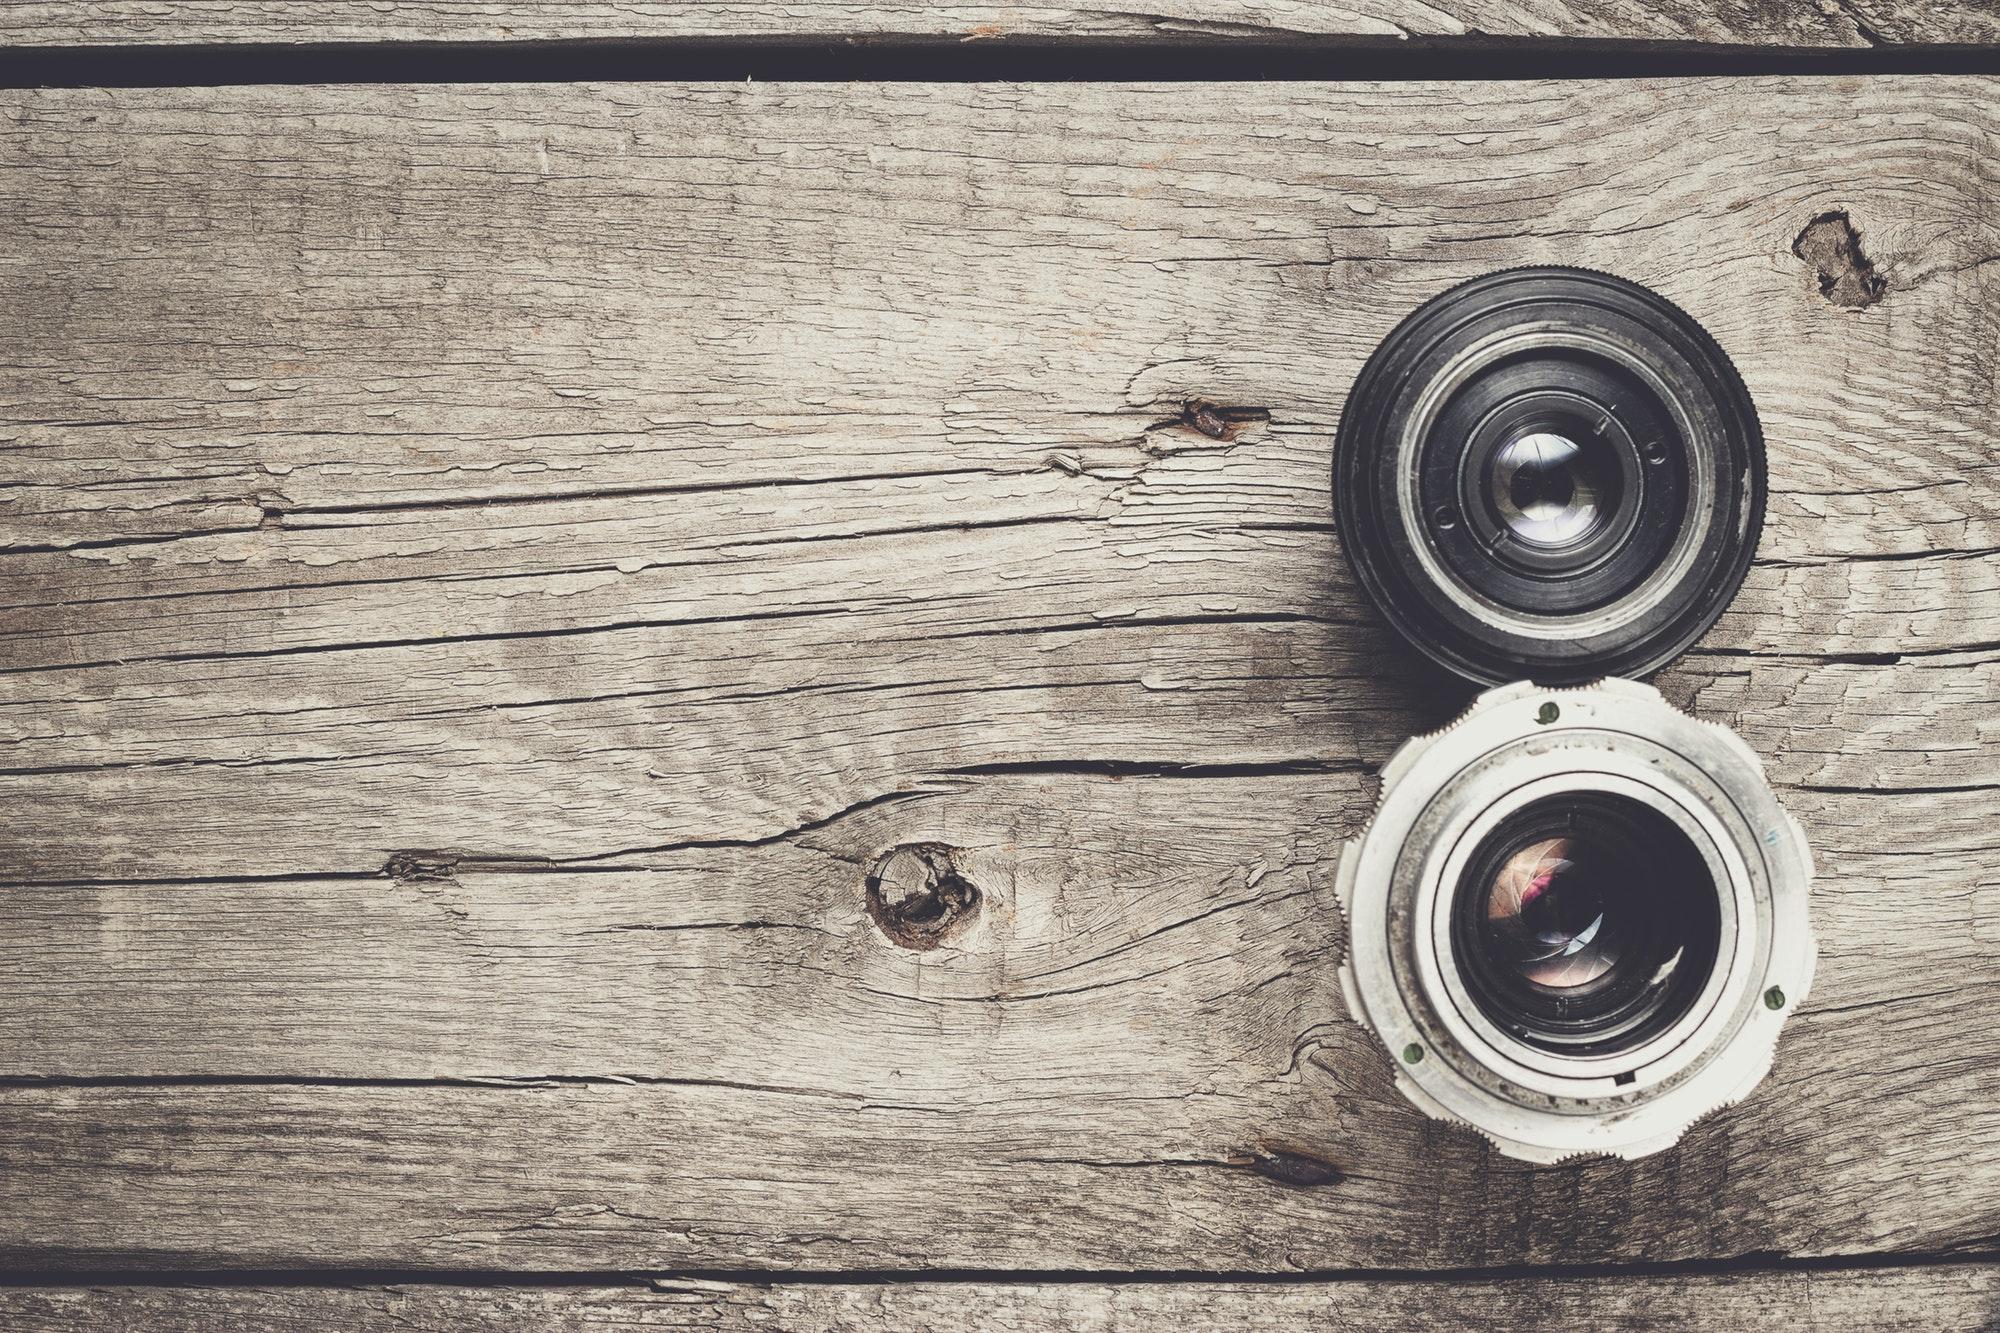 מצלמות נסתרות – המדריך לרכישה נכונה